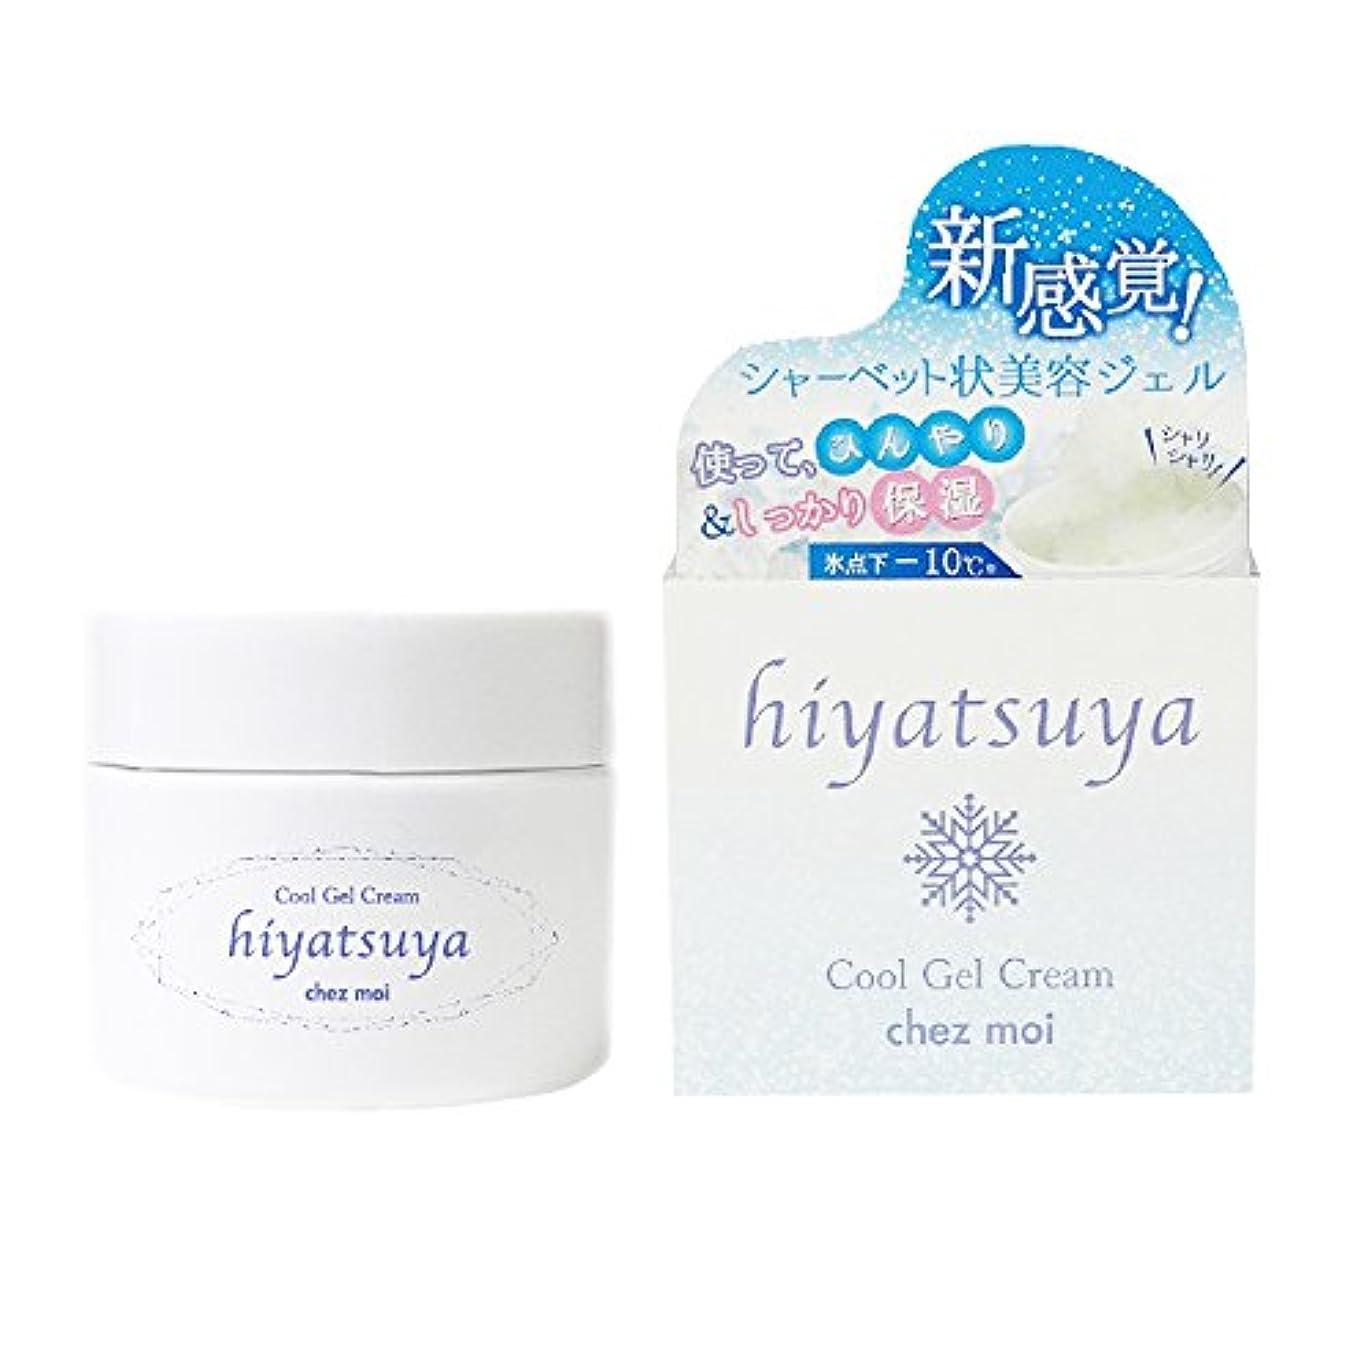 団結新着引き付けるシェモア hiyatsuya(ヒヤツヤ) cool gel cream 70g